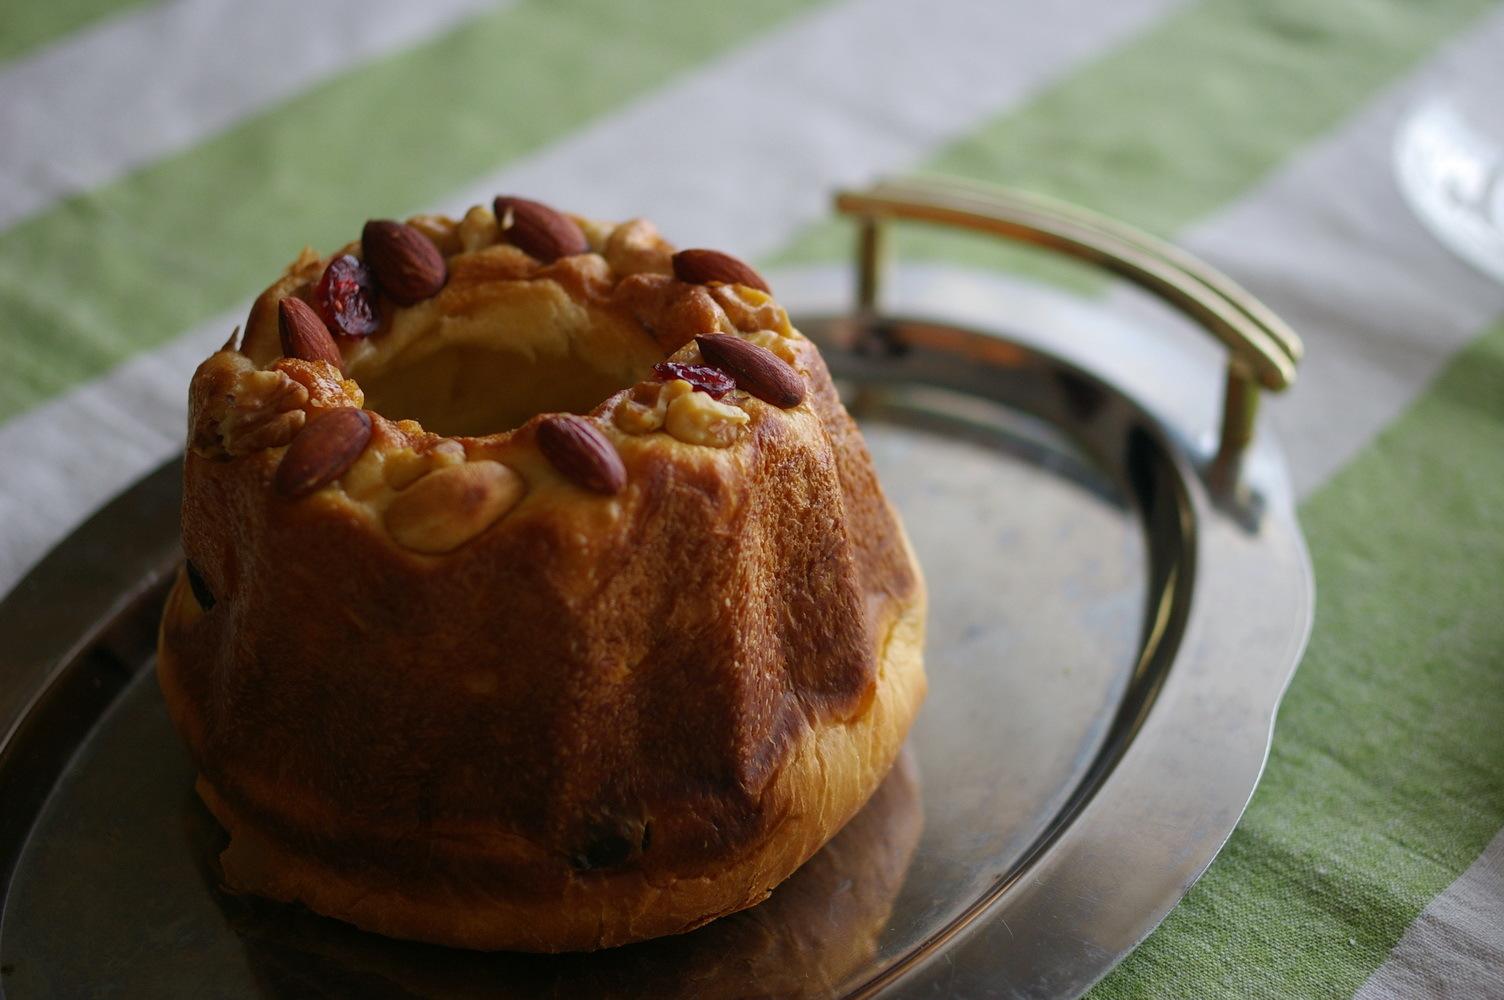 クグロフ型で焼いたパンでおうちランチ_d0327373_14171087.jpg